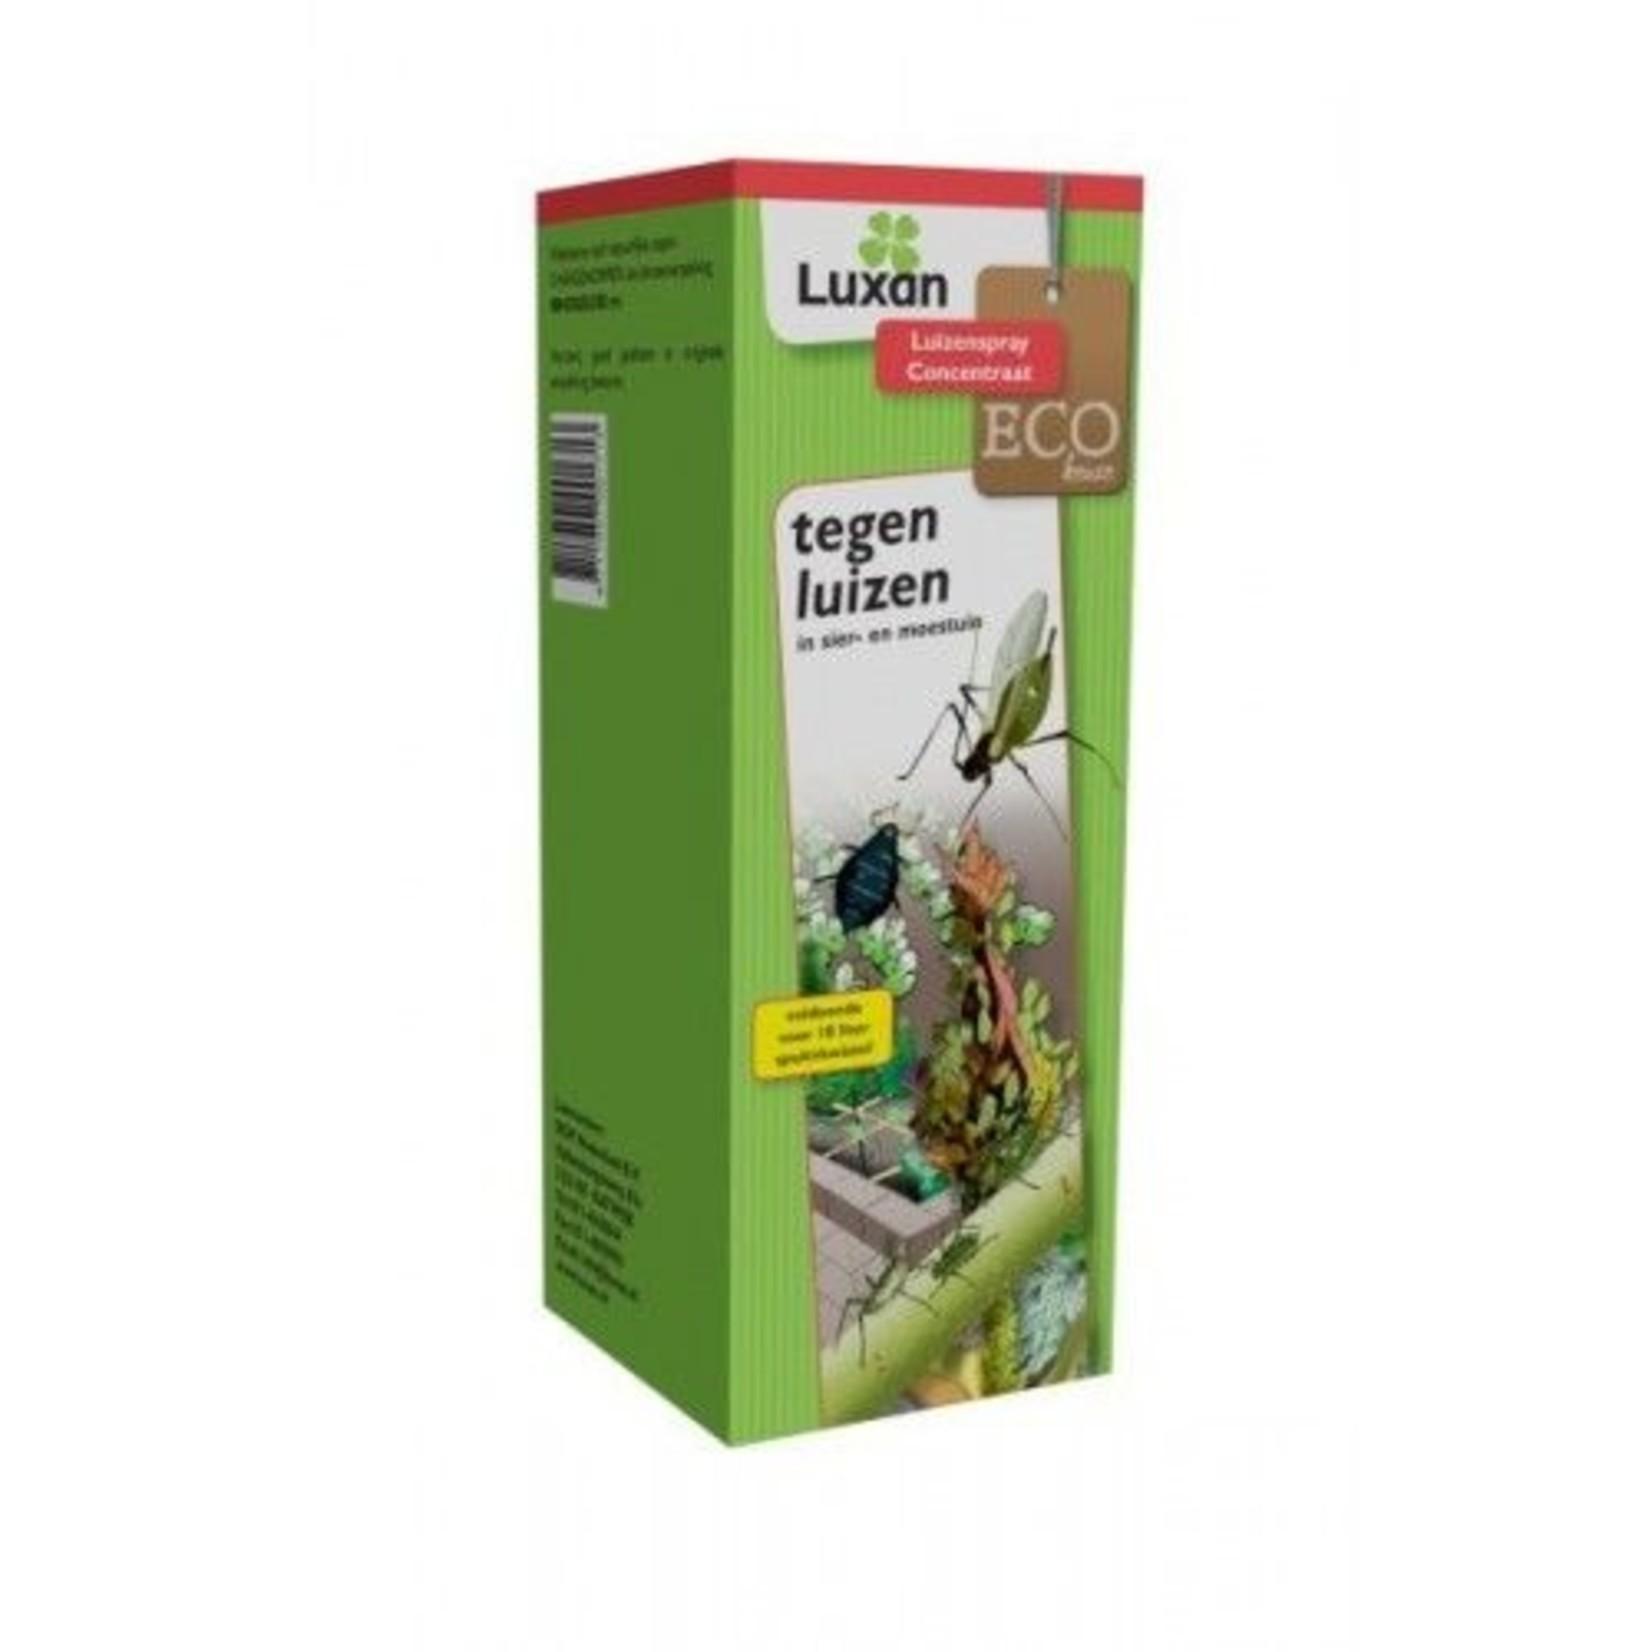 Luxan Luizenspray tegen luizen 500 ml (concentraat)